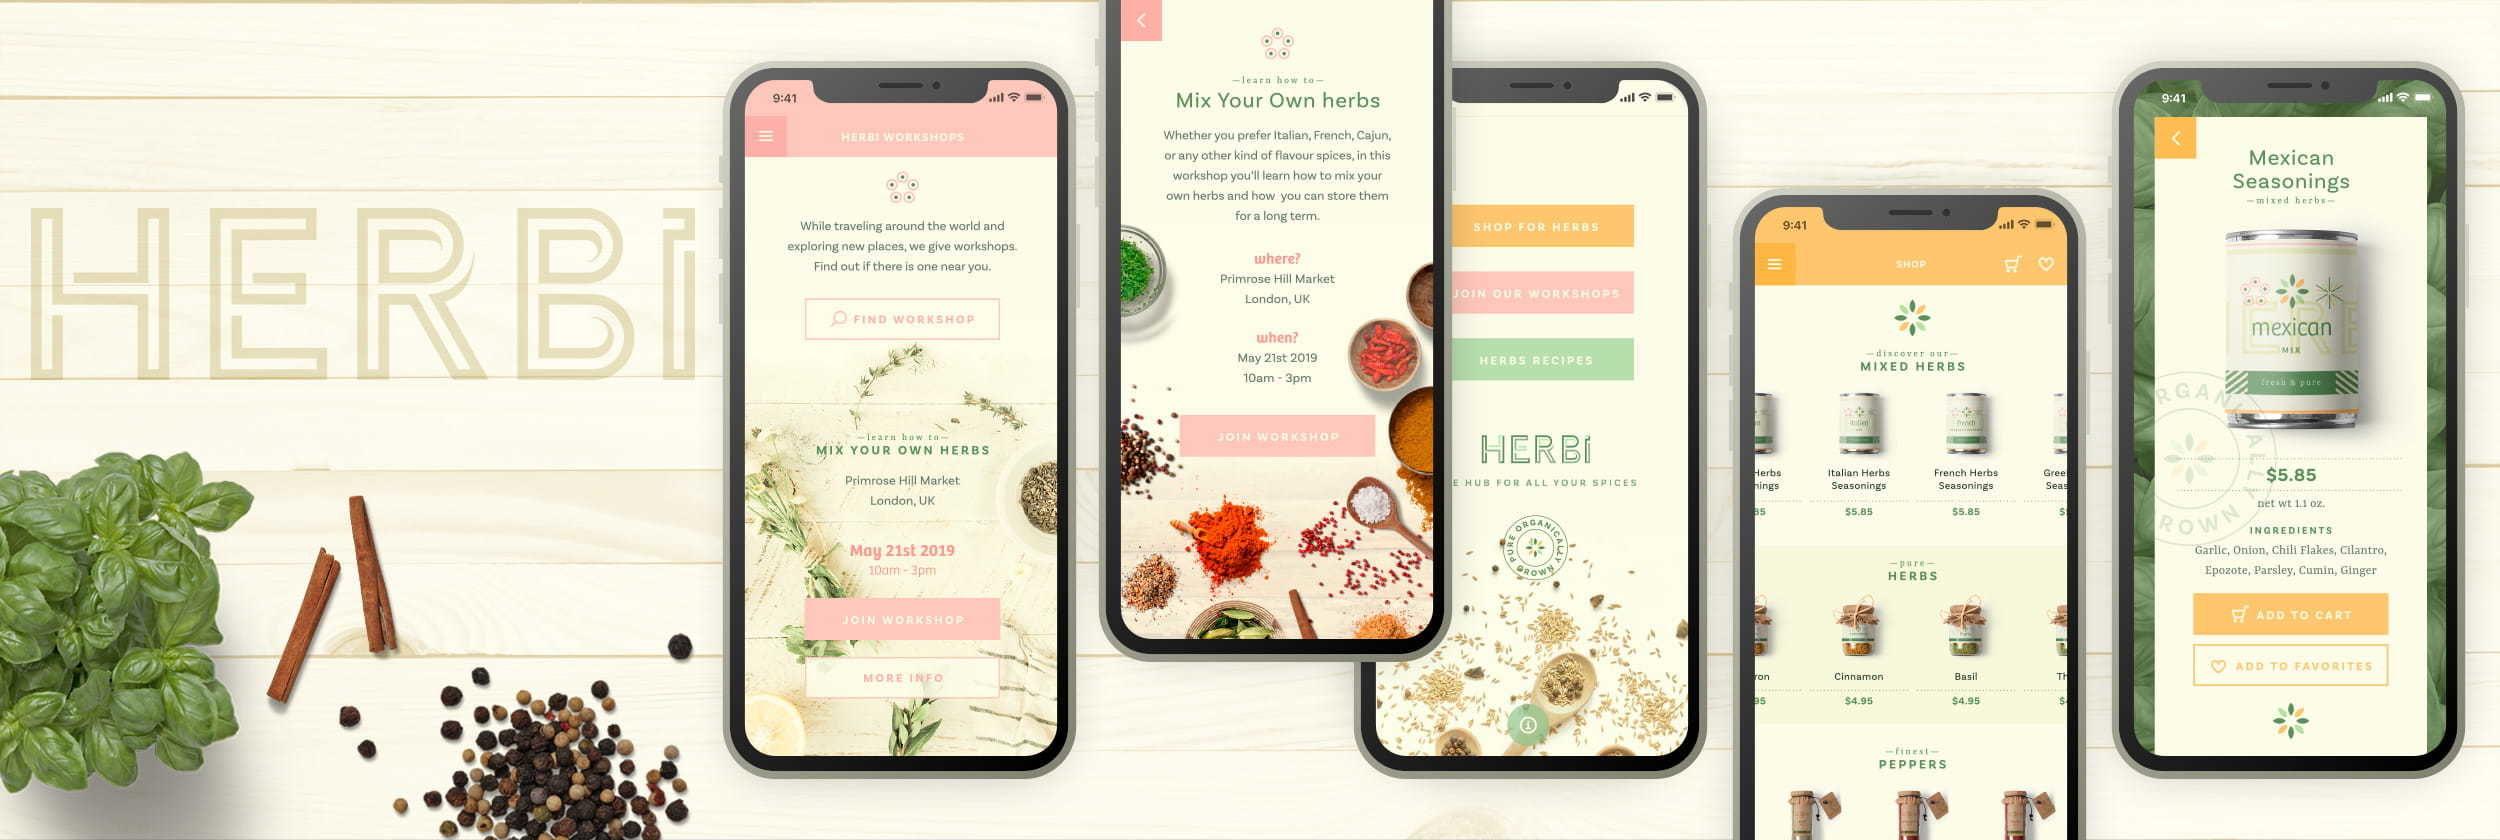 HERBi app screens